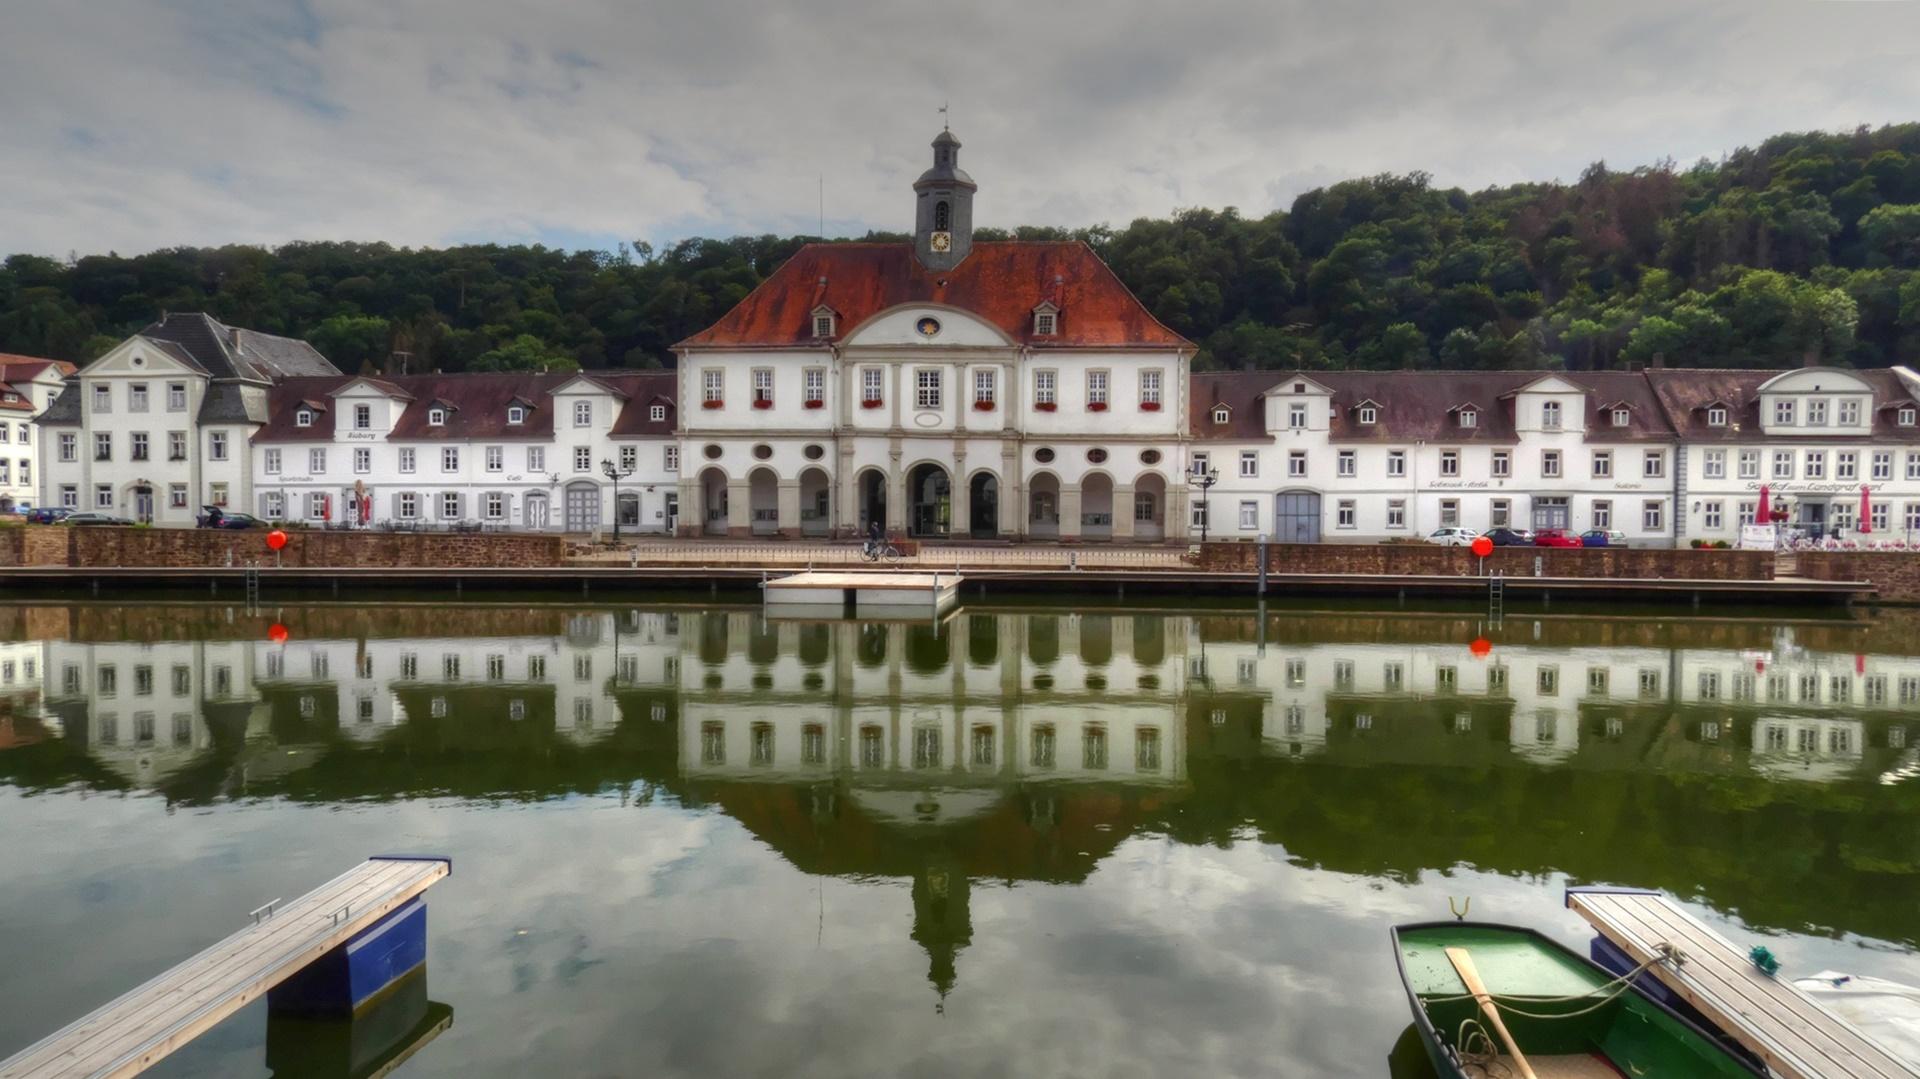 Bürgermeisterwahl Bad Karlshafen